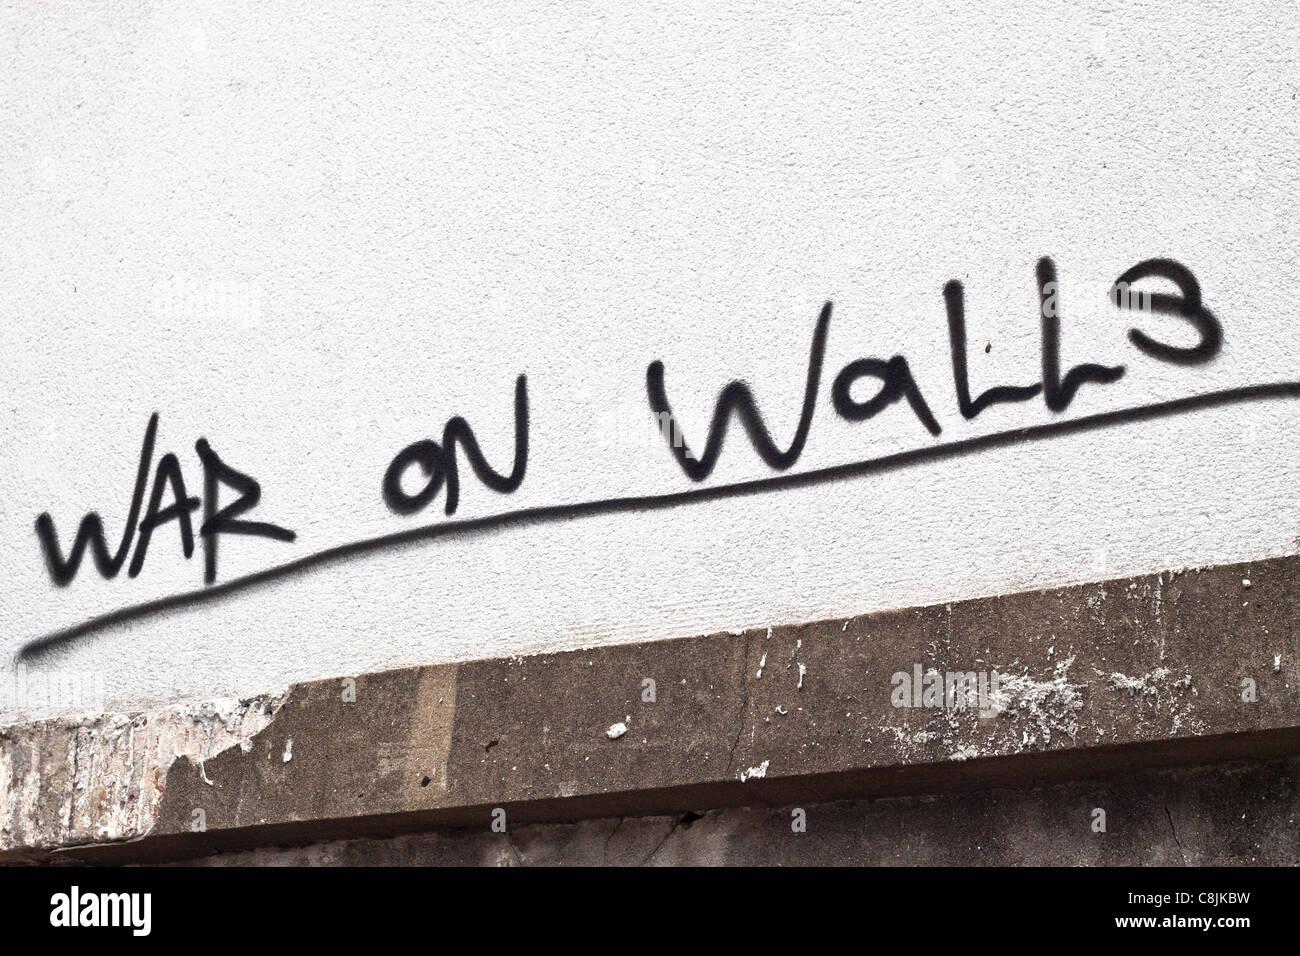 Graffiti writing War On Walls. - Stock Image